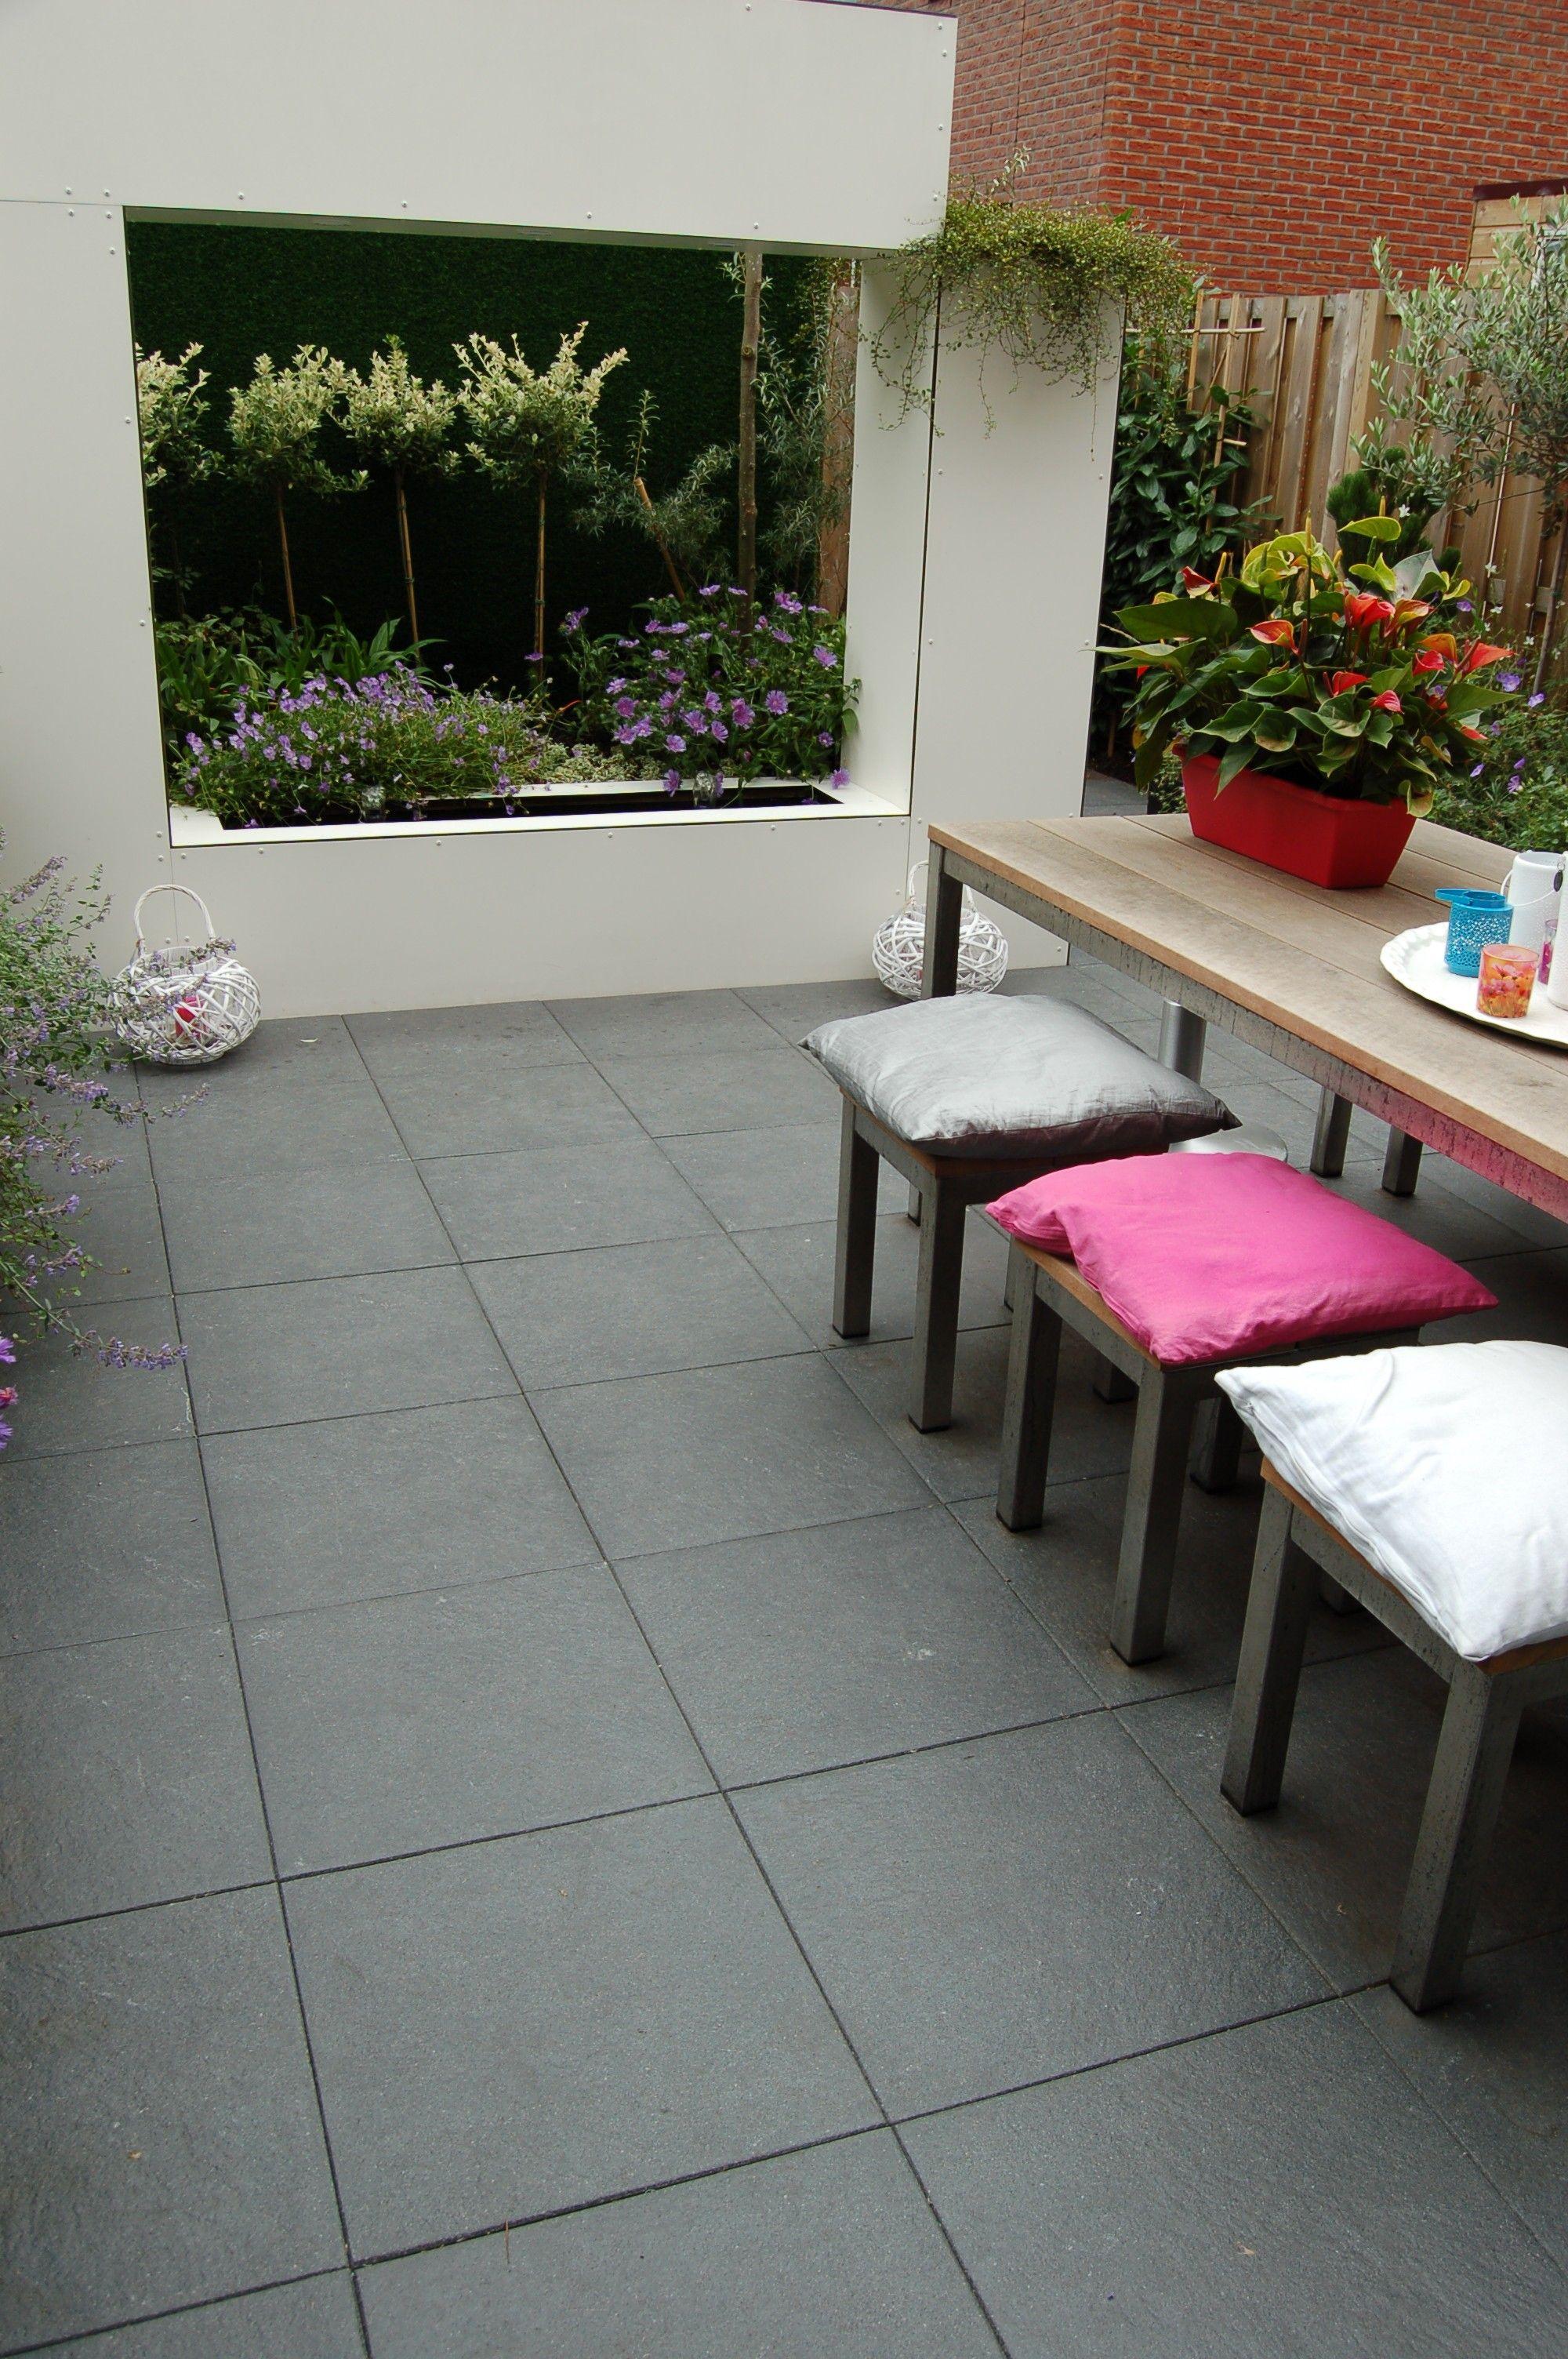 Gestraald en gecoate tegels rocktiles de rocktiles zijn leverbaar in vier kleuren in het - Dek een terras met tegels ...